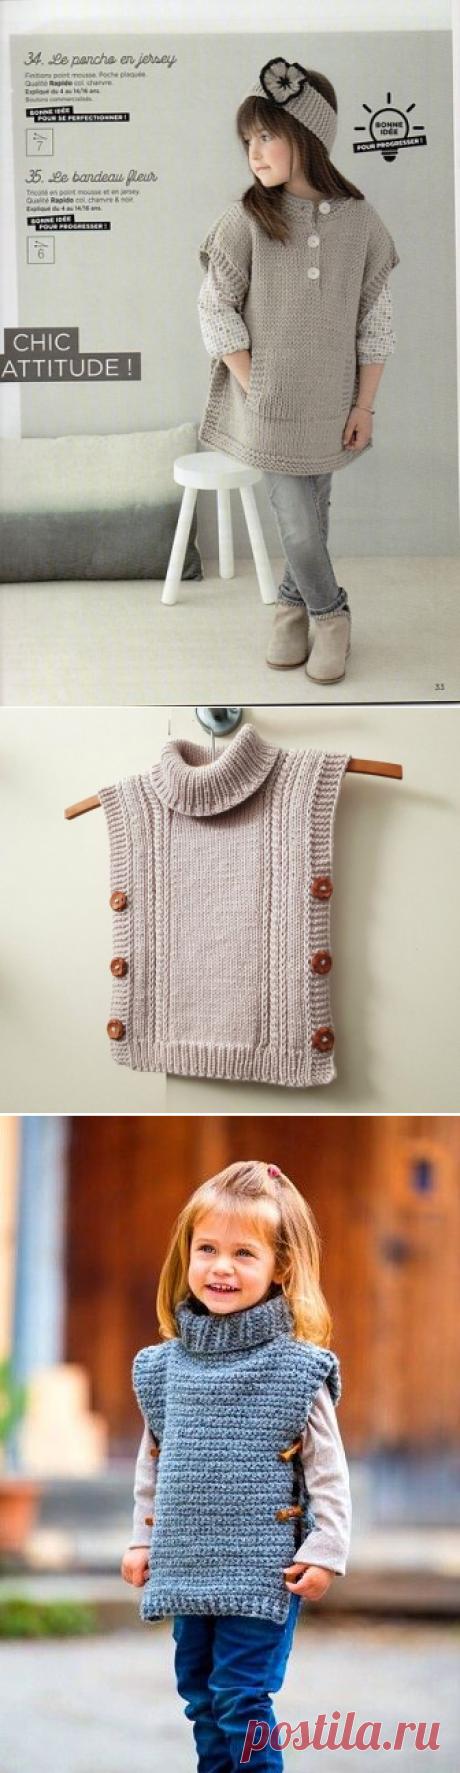 Уникальная вещь на любое время года - вязаный жилет, от мала до велика! Схемы вязания и идеи для воплощения!   Юлия Жданова   Яндекс Дзен